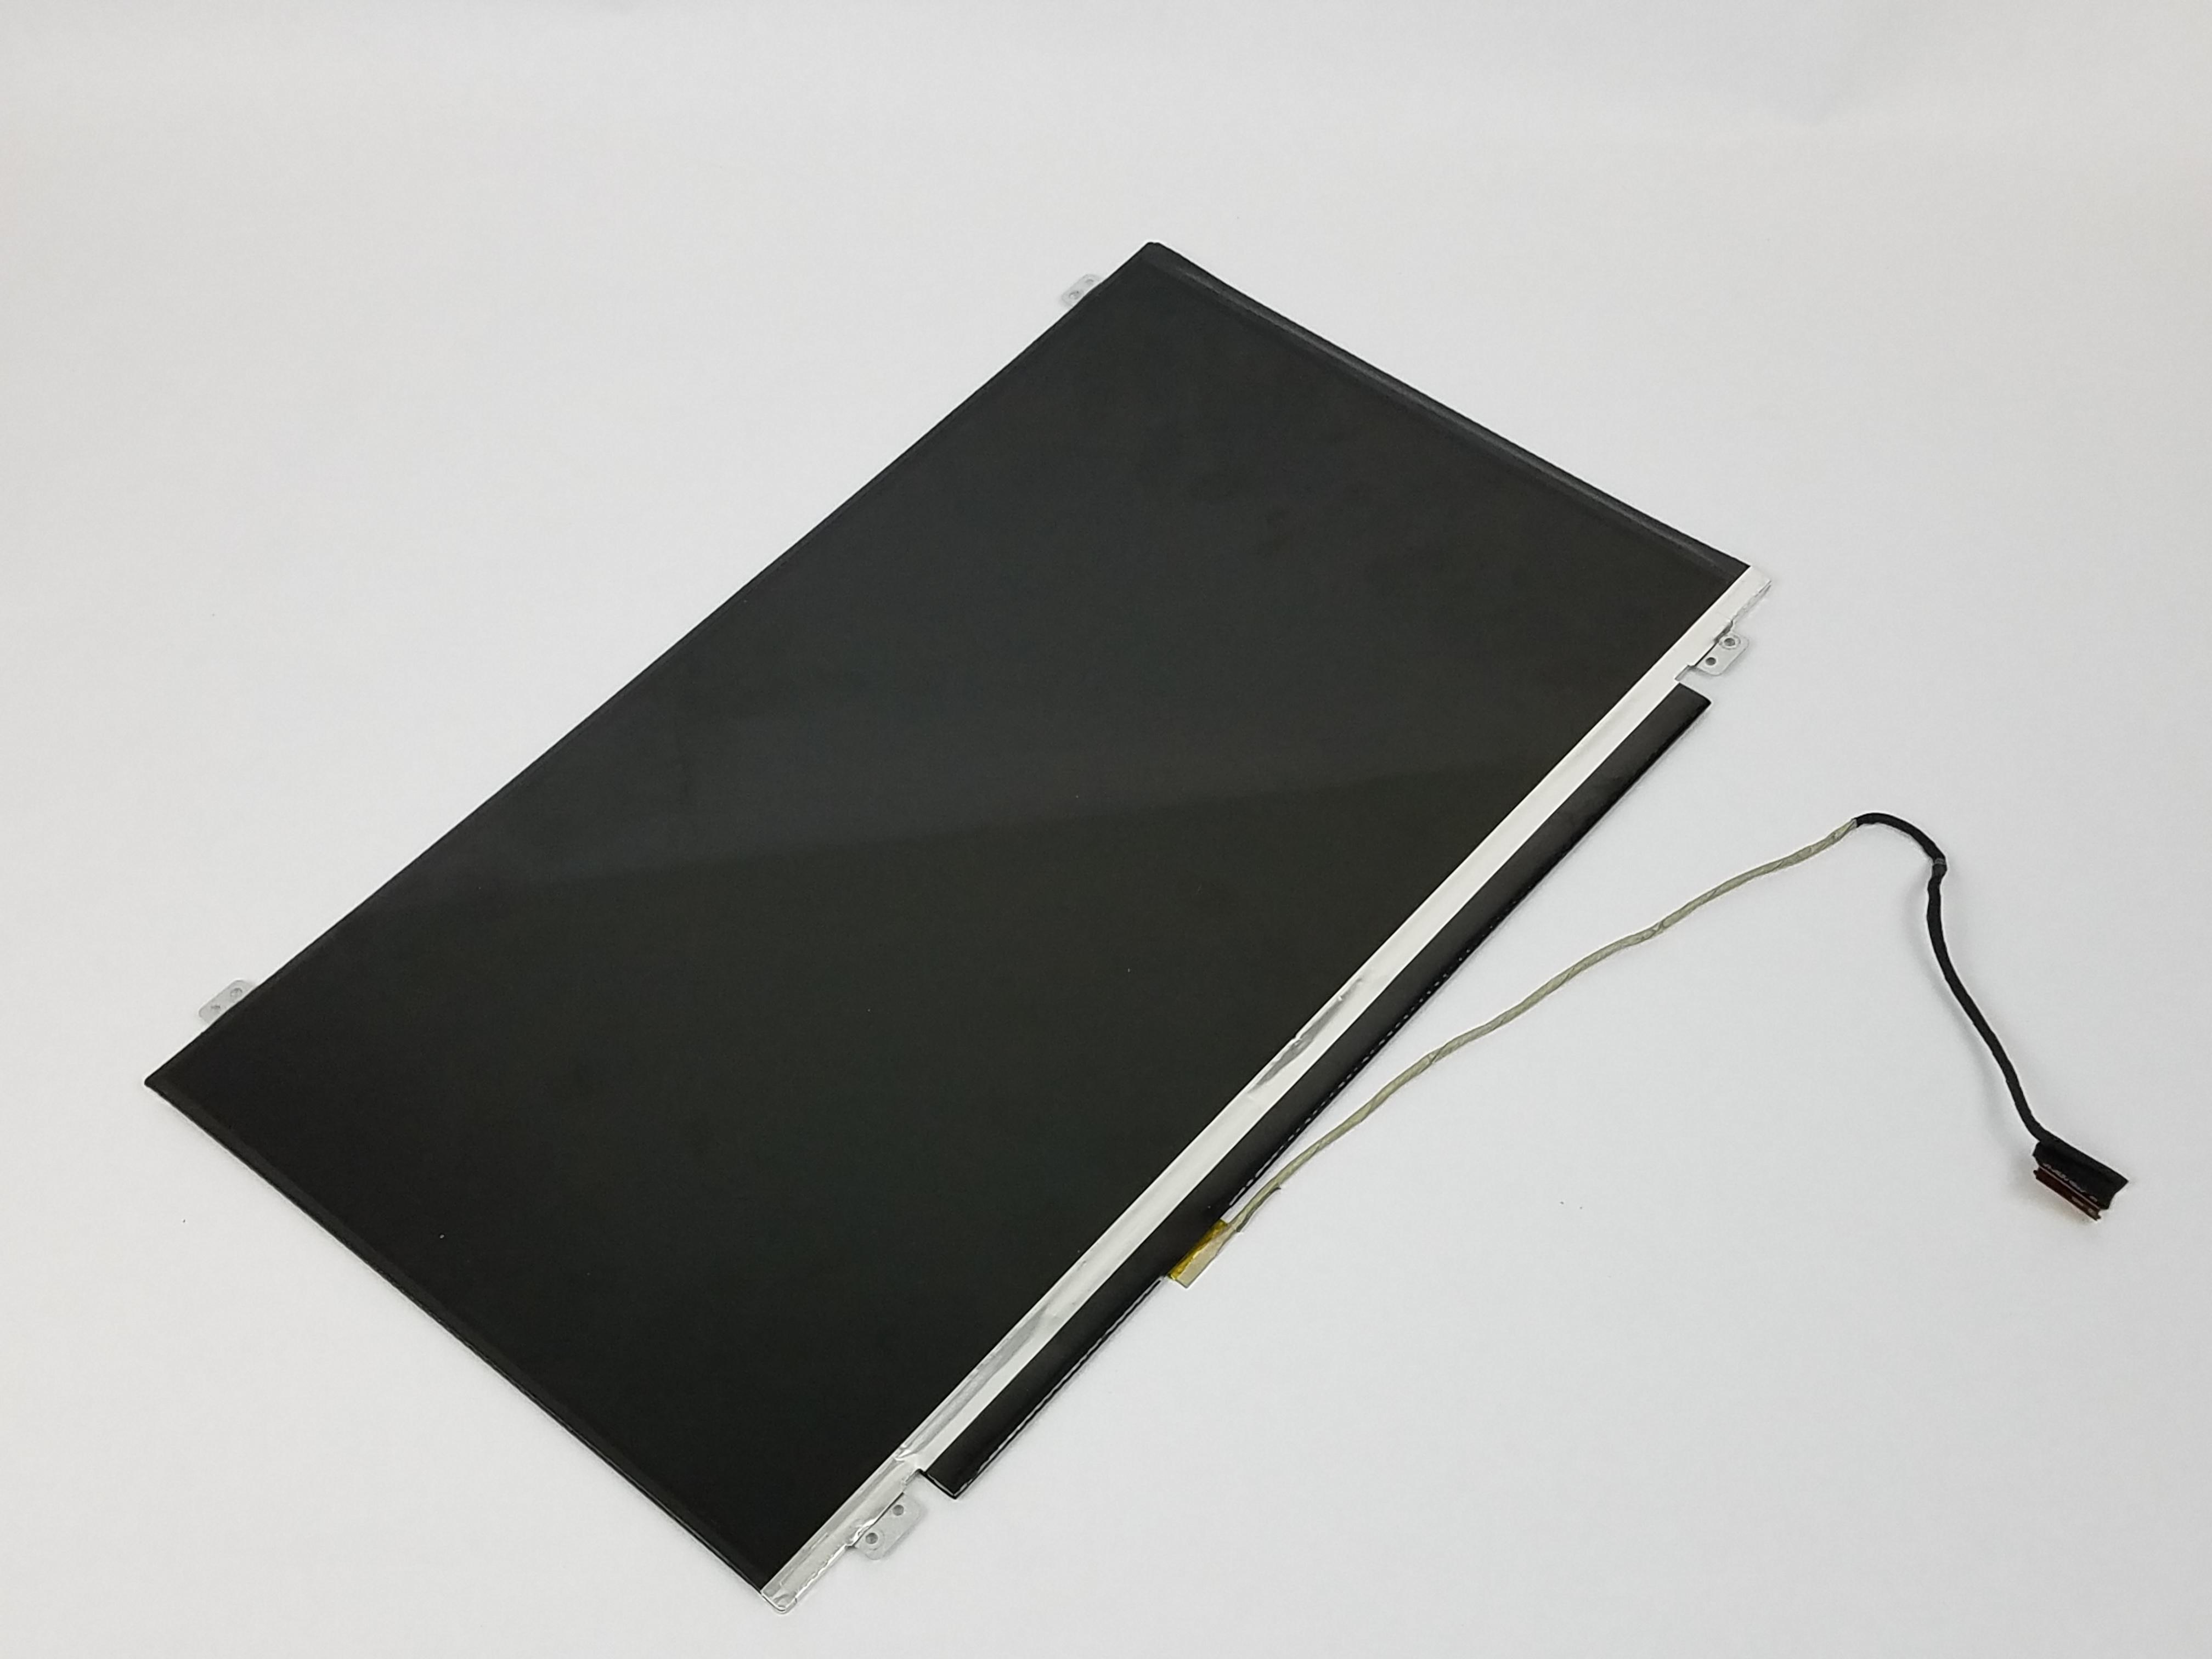 Toshiba Satellite C55 C5240 Repair Ifixit C55a Wiring Diagram Screen